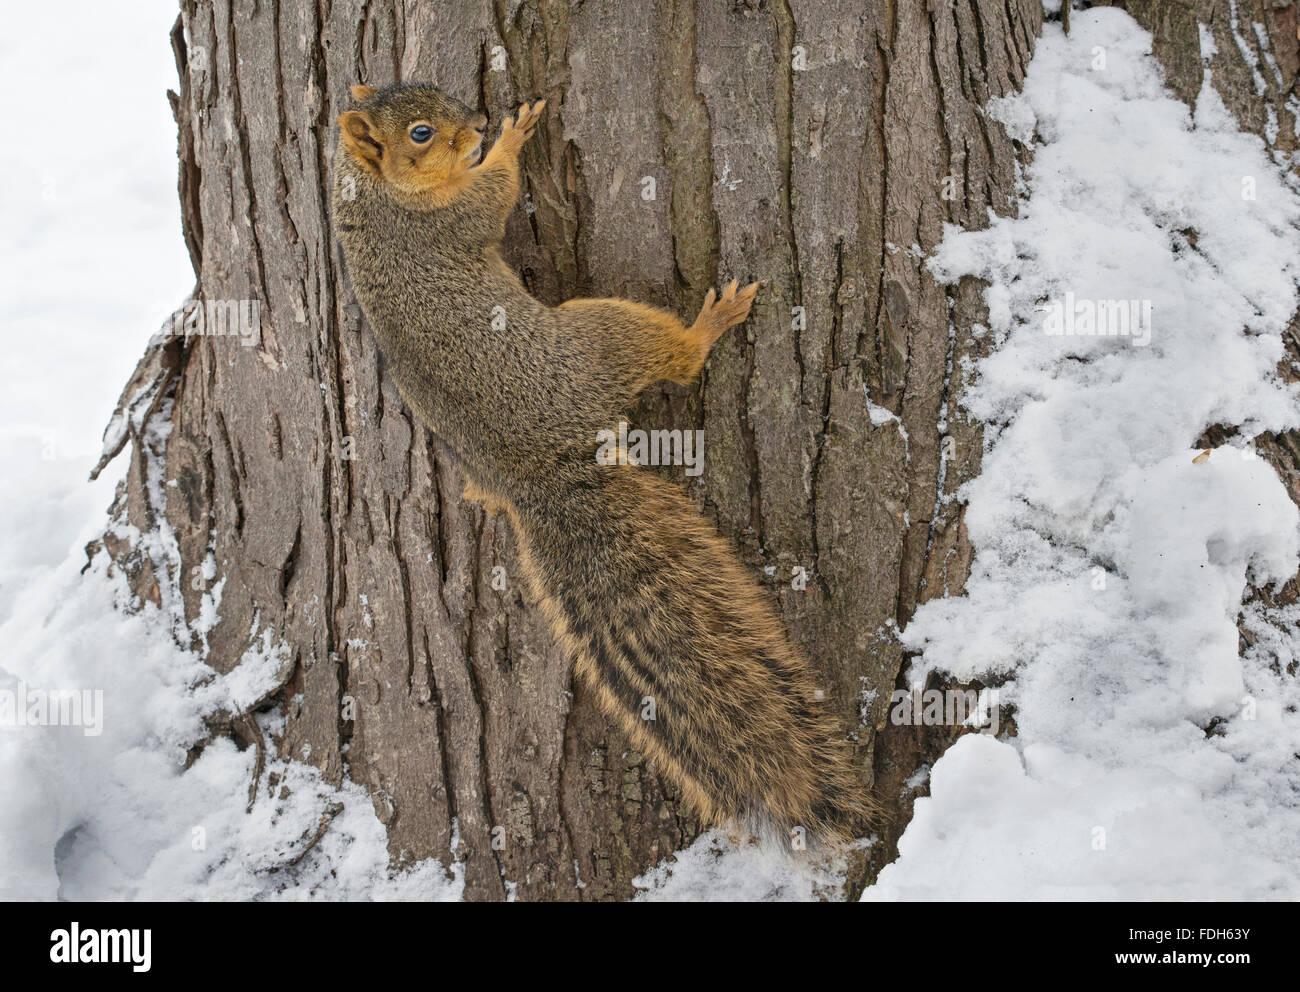 Eastern Fox Squirrel (Sciurus niger)  climbing tree, Winter, E North America - Stock Image